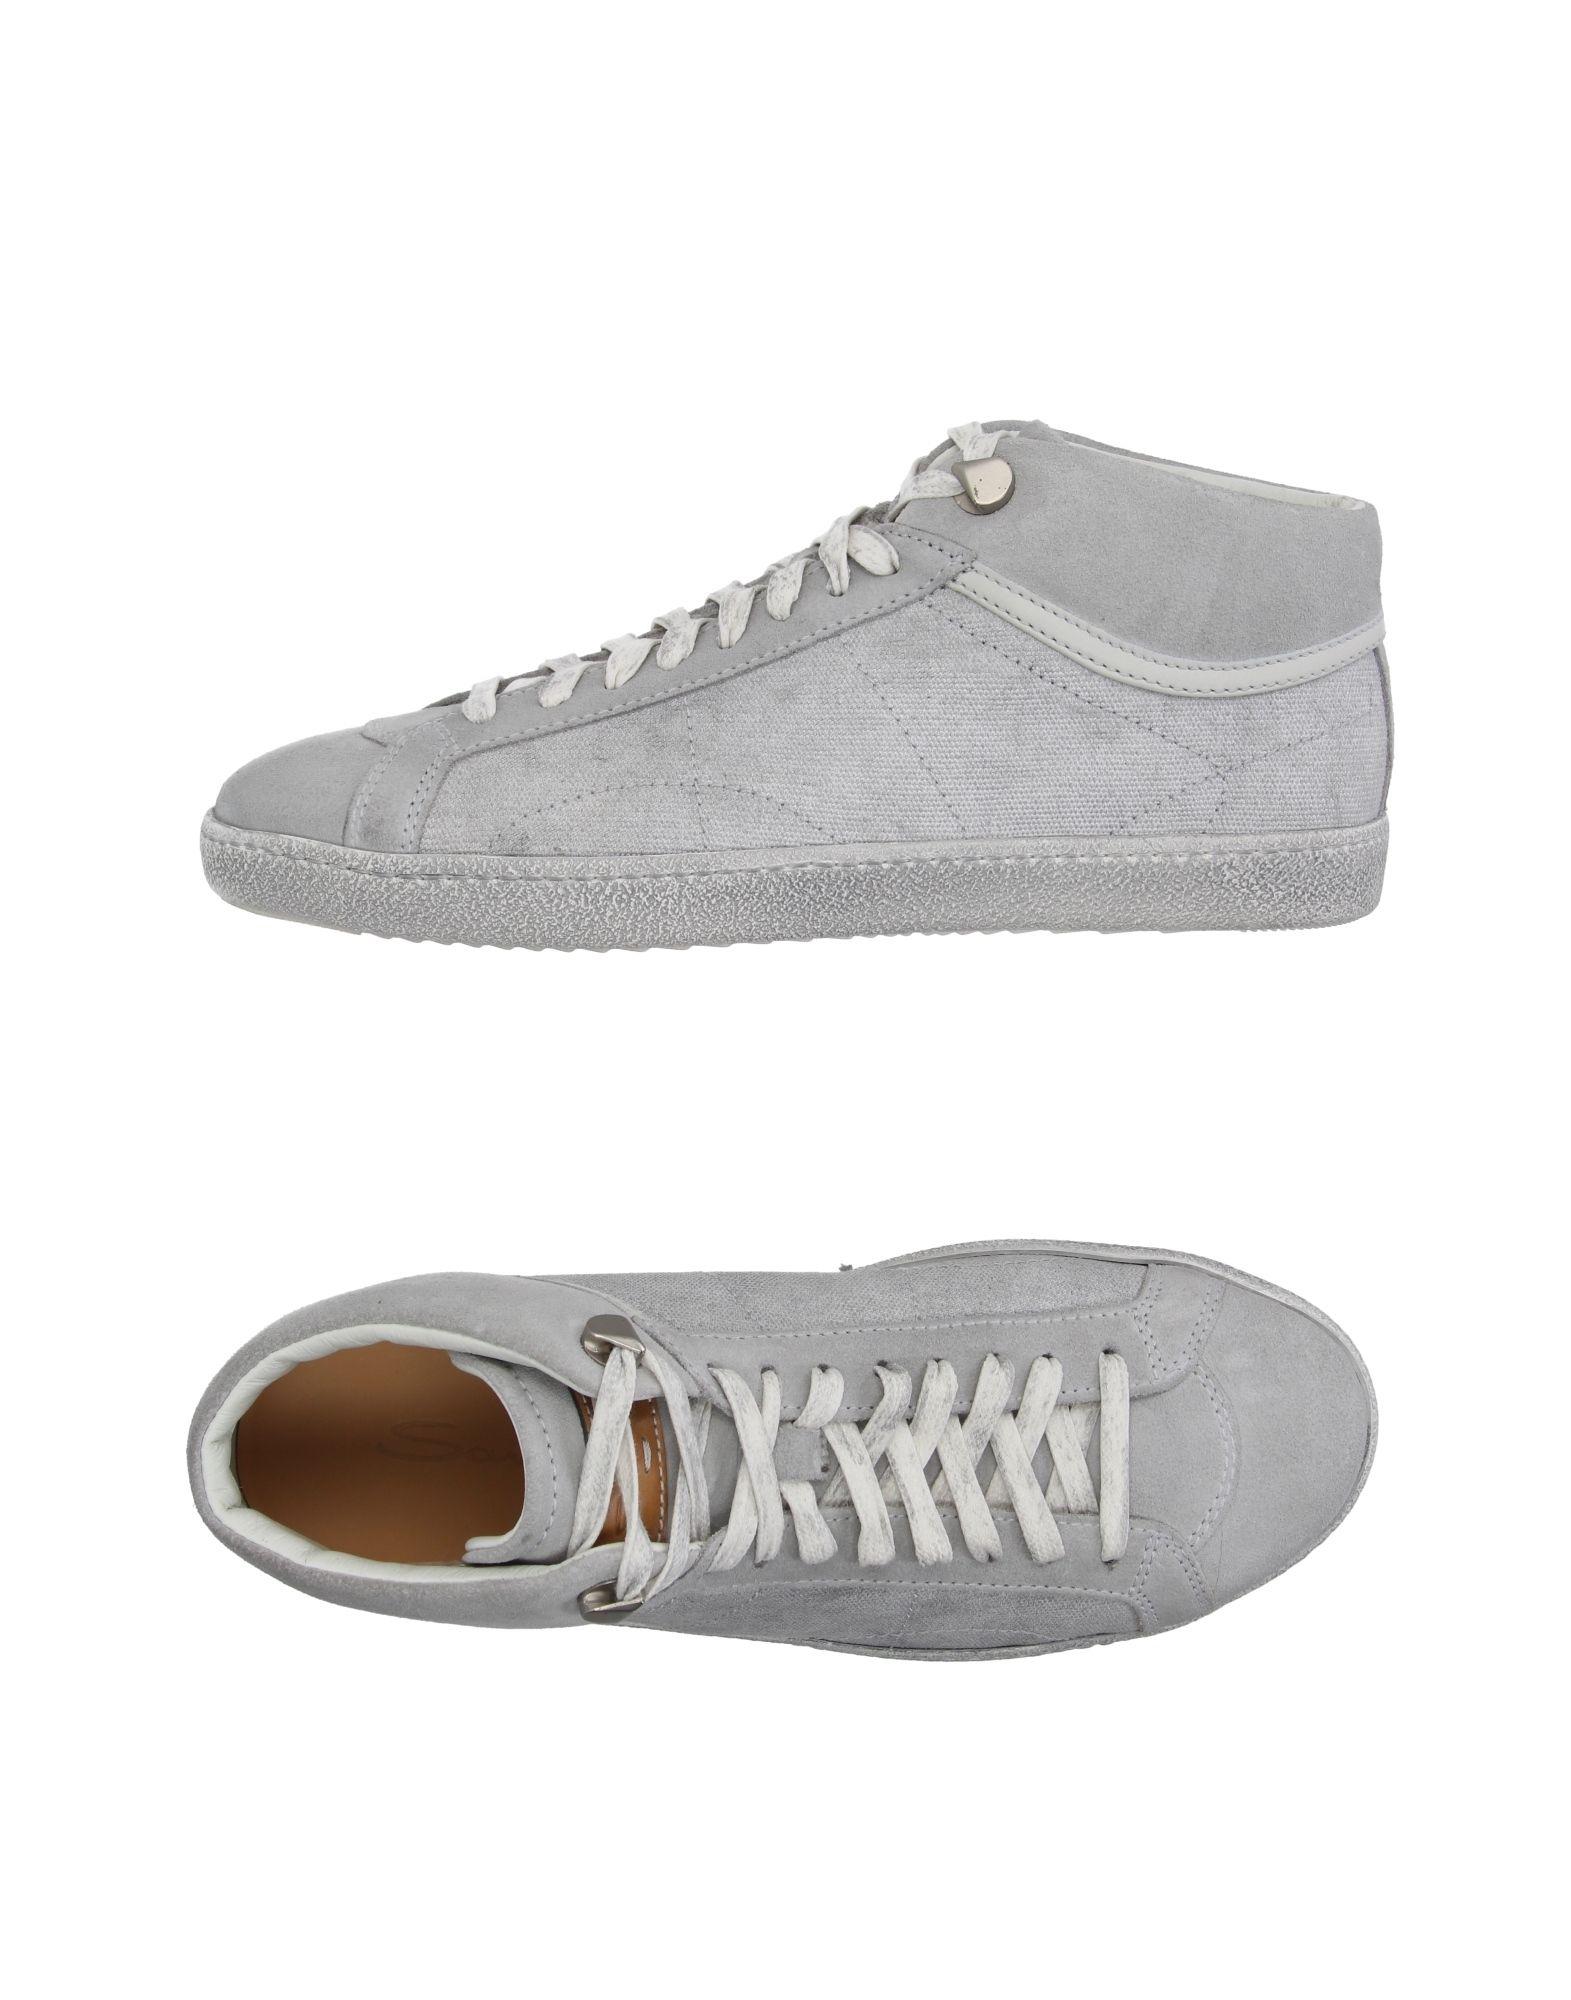 Santoni Sneakers Herren  11183684JP Gute Qualität beliebte Schuhe